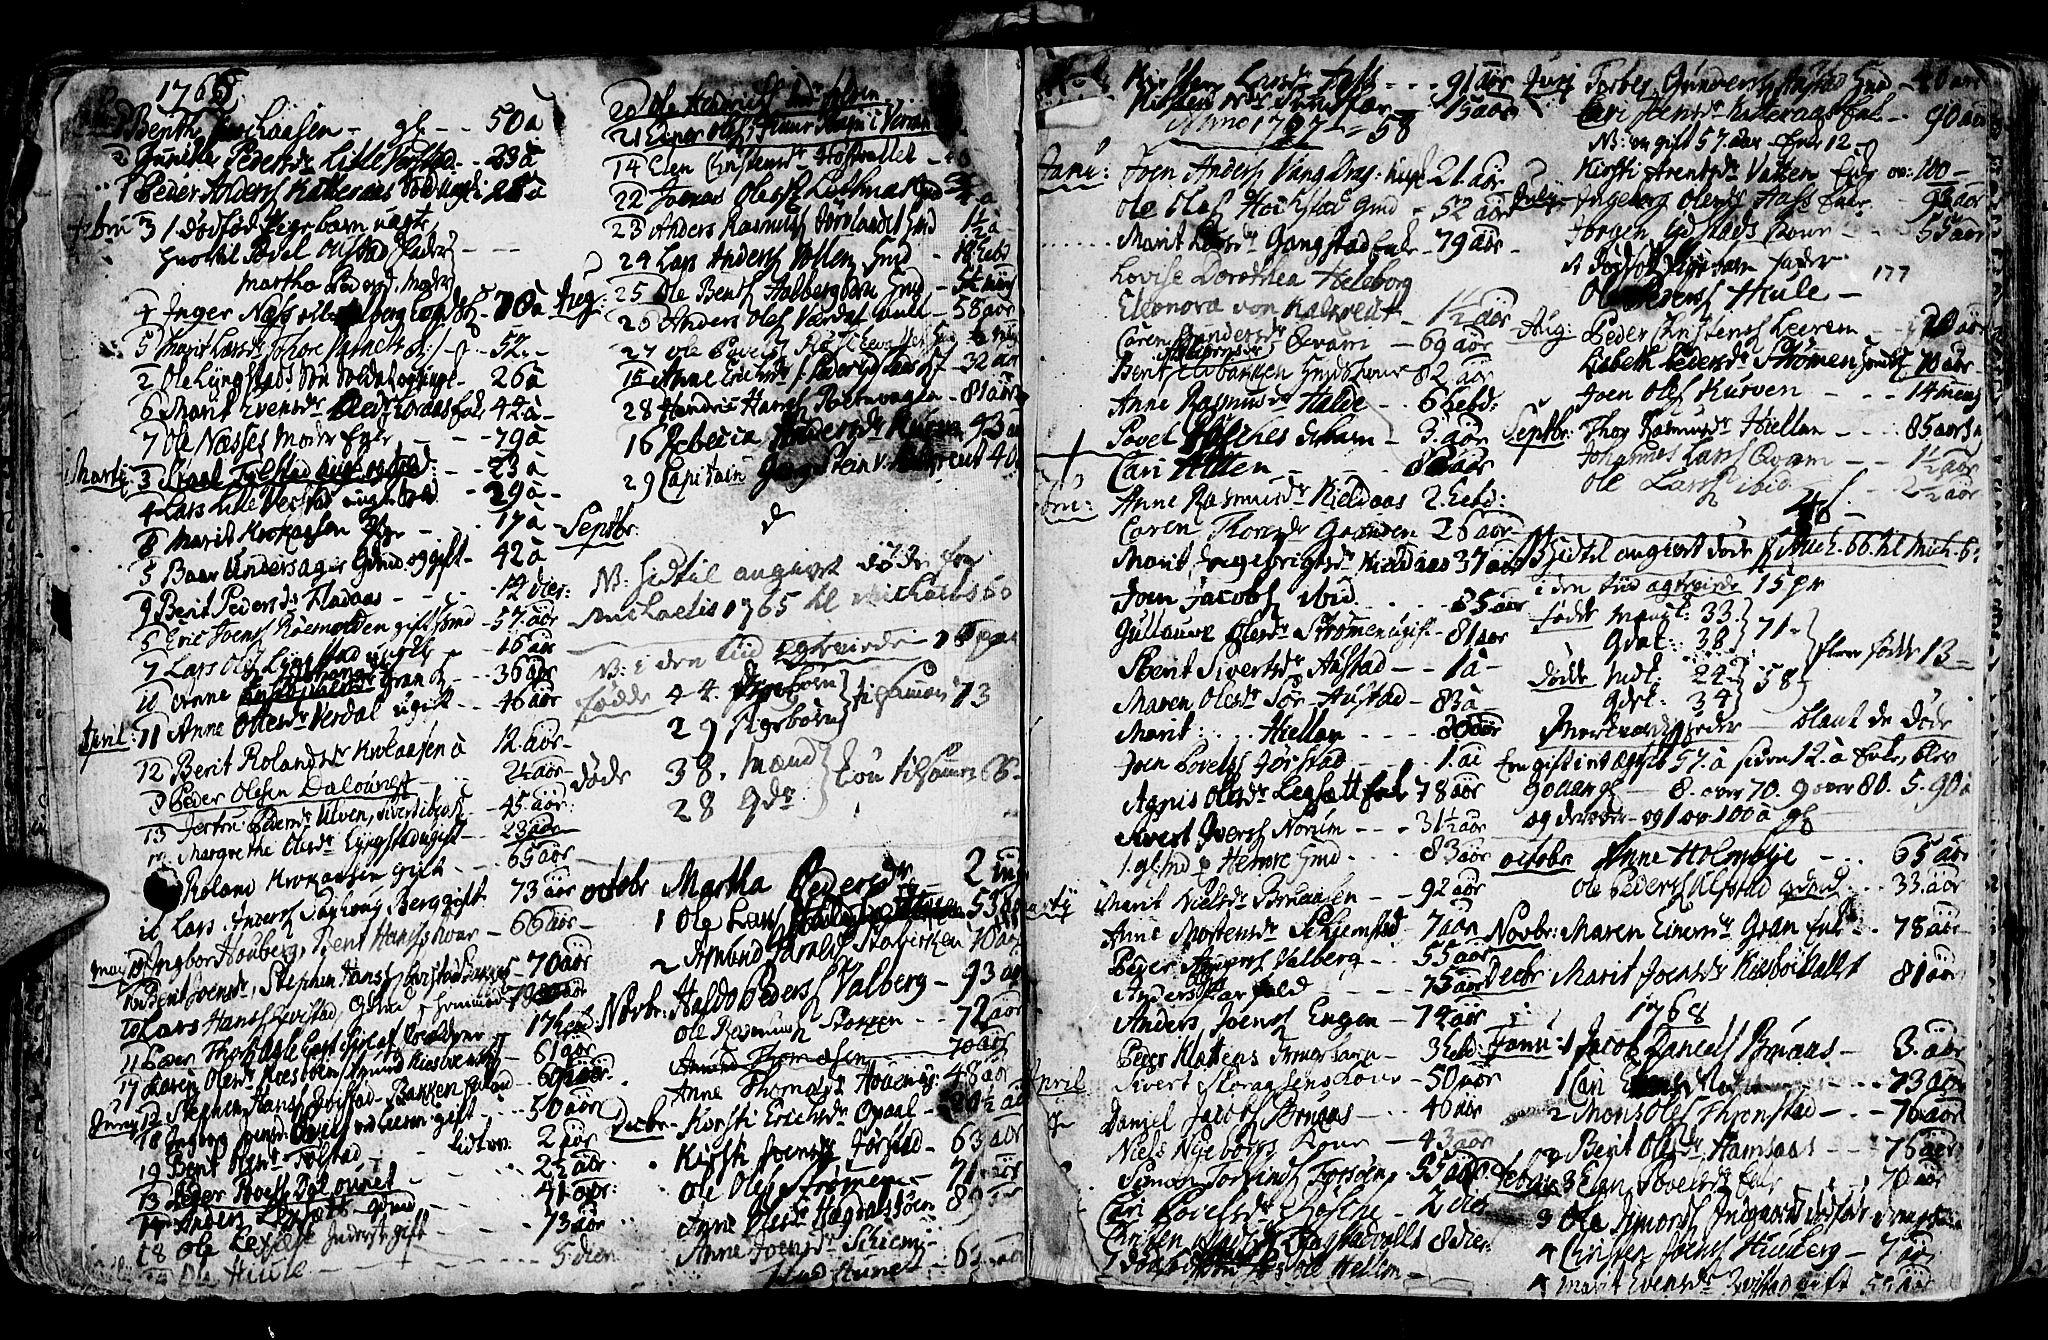 SAT, Ministerialprotokoller, klokkerbøker og fødselsregistre - Nord-Trøndelag, 730/L0273: Ministerialbok nr. 730A02, 1762-1802, s. 177